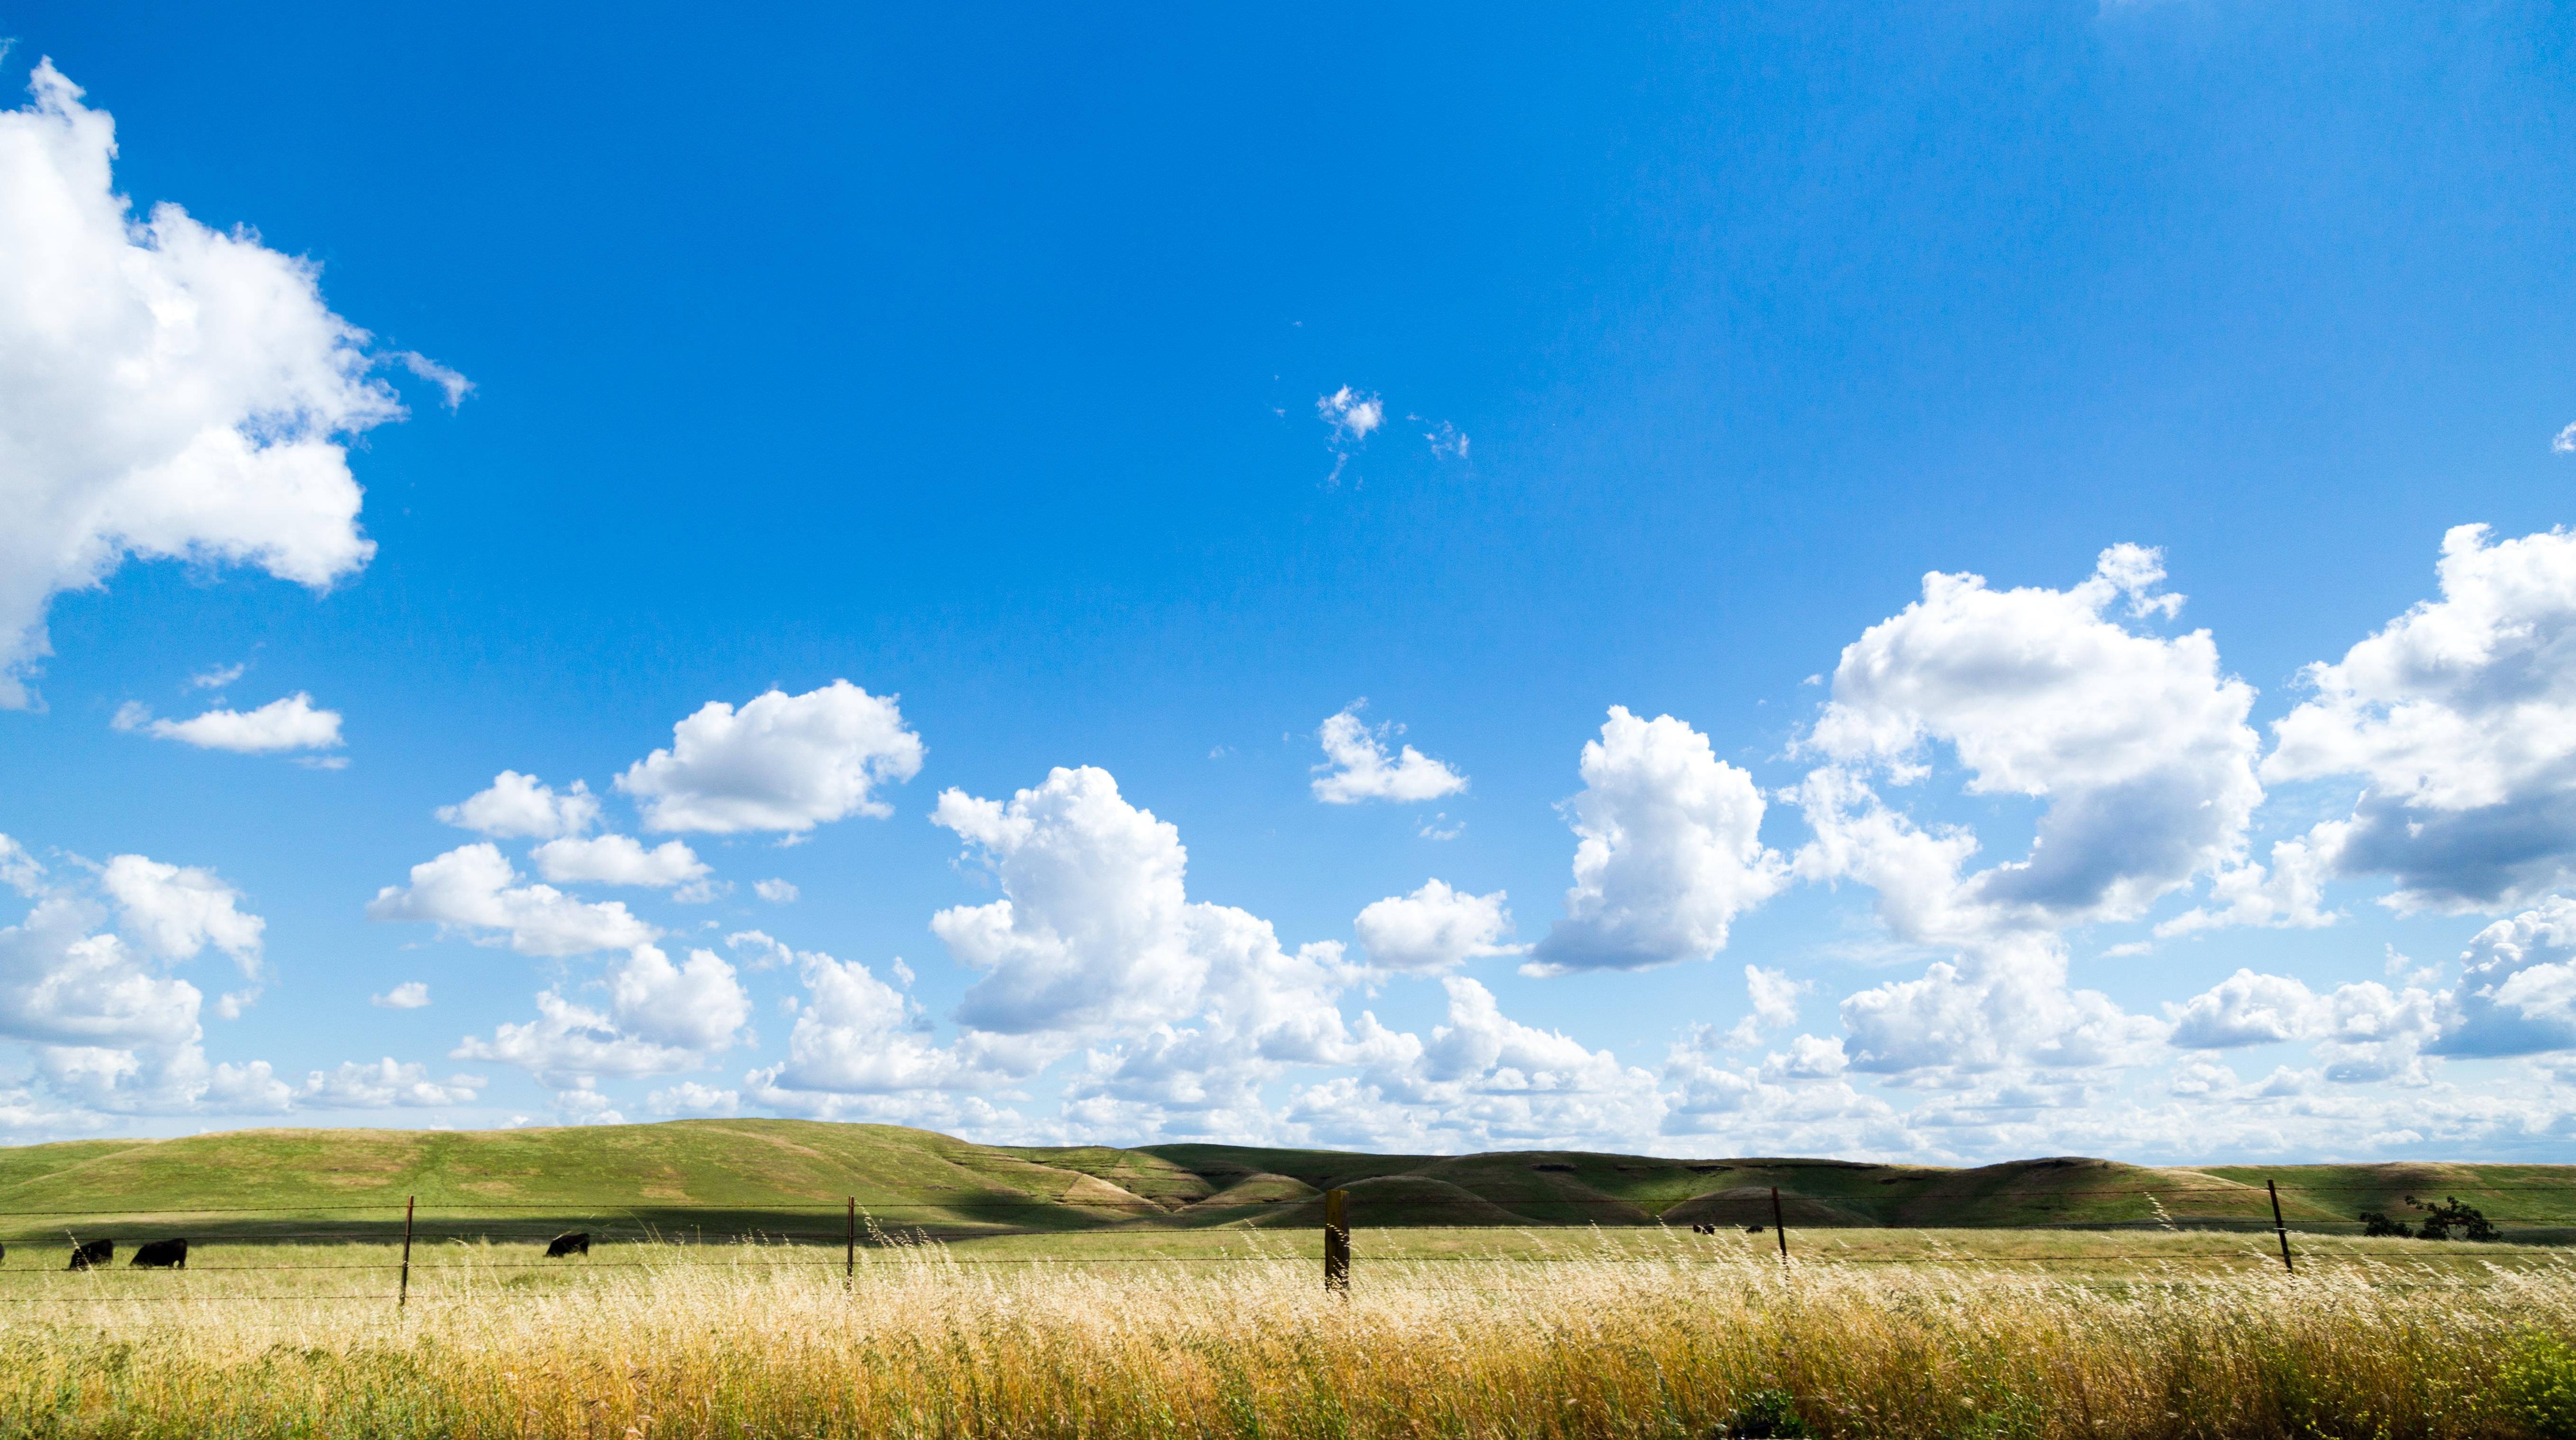 free images landscape nature horizon fence cloud sky sun